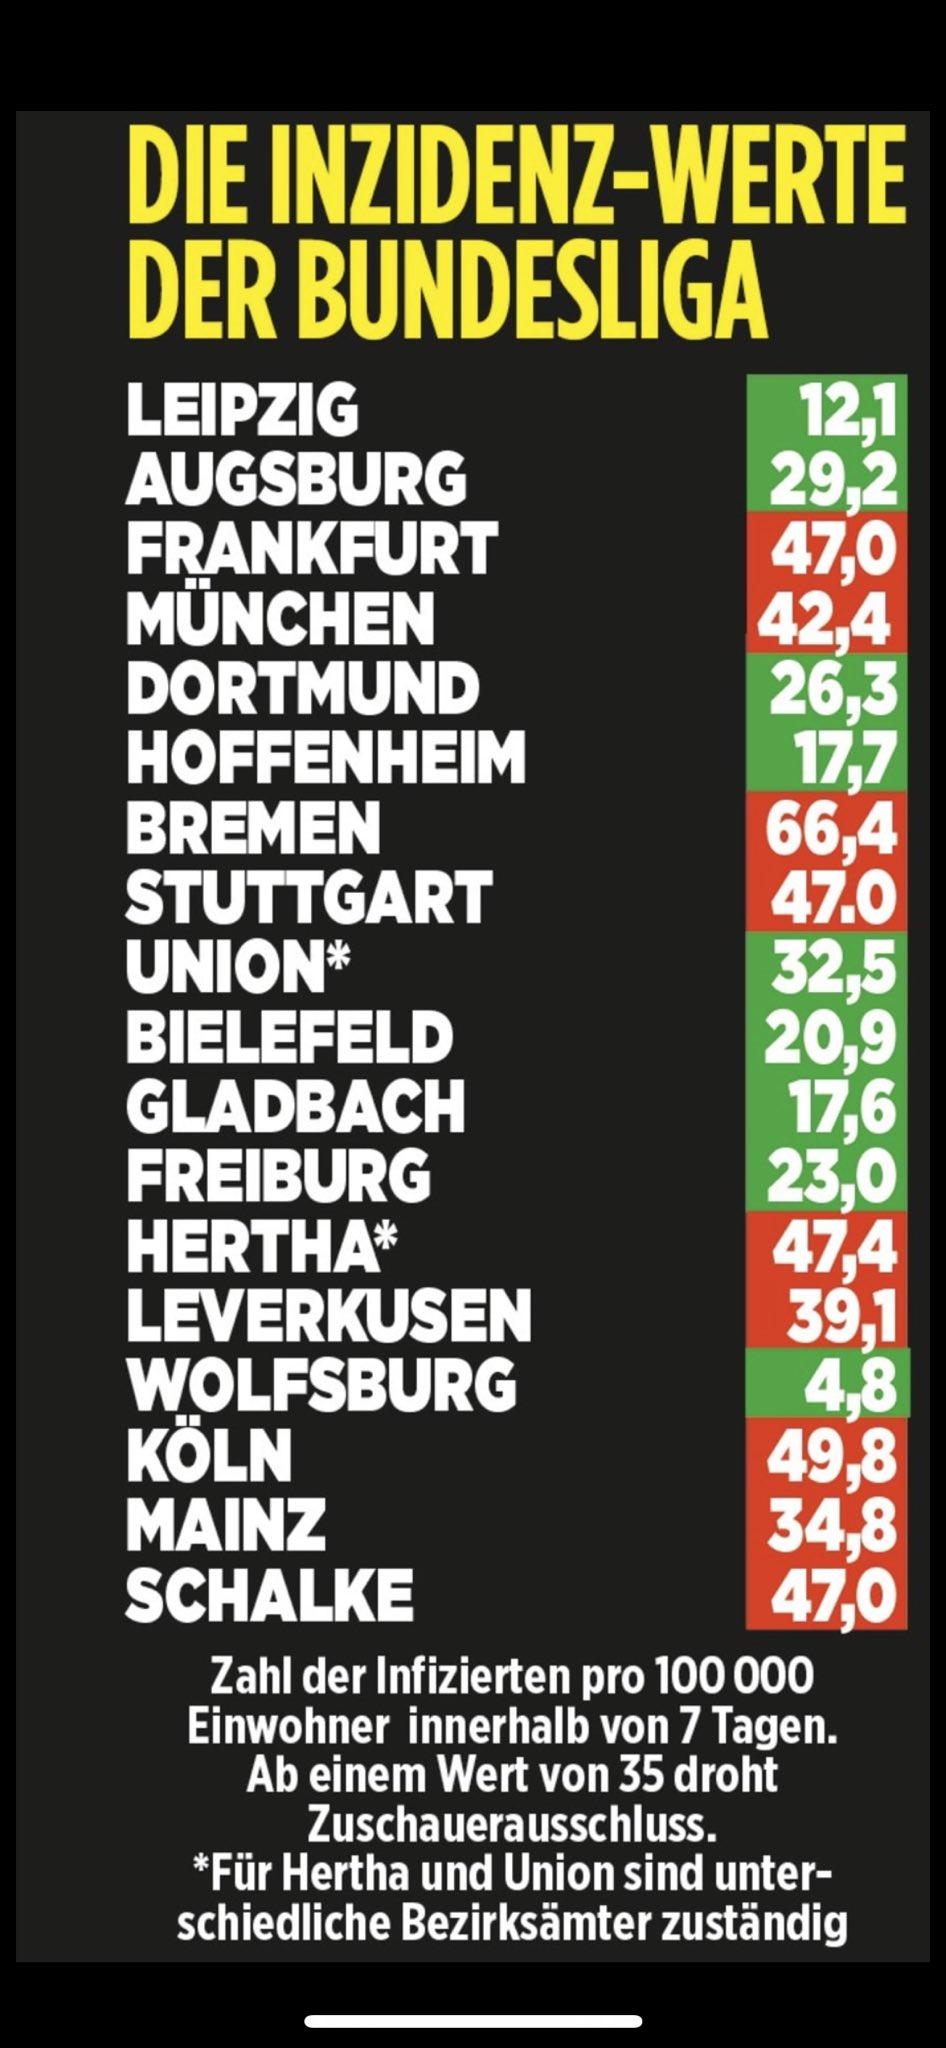 Inzidenz Werte Der Bundesliga In 6 Stadten Ist Die Lage Schlimmer Als In Munchen